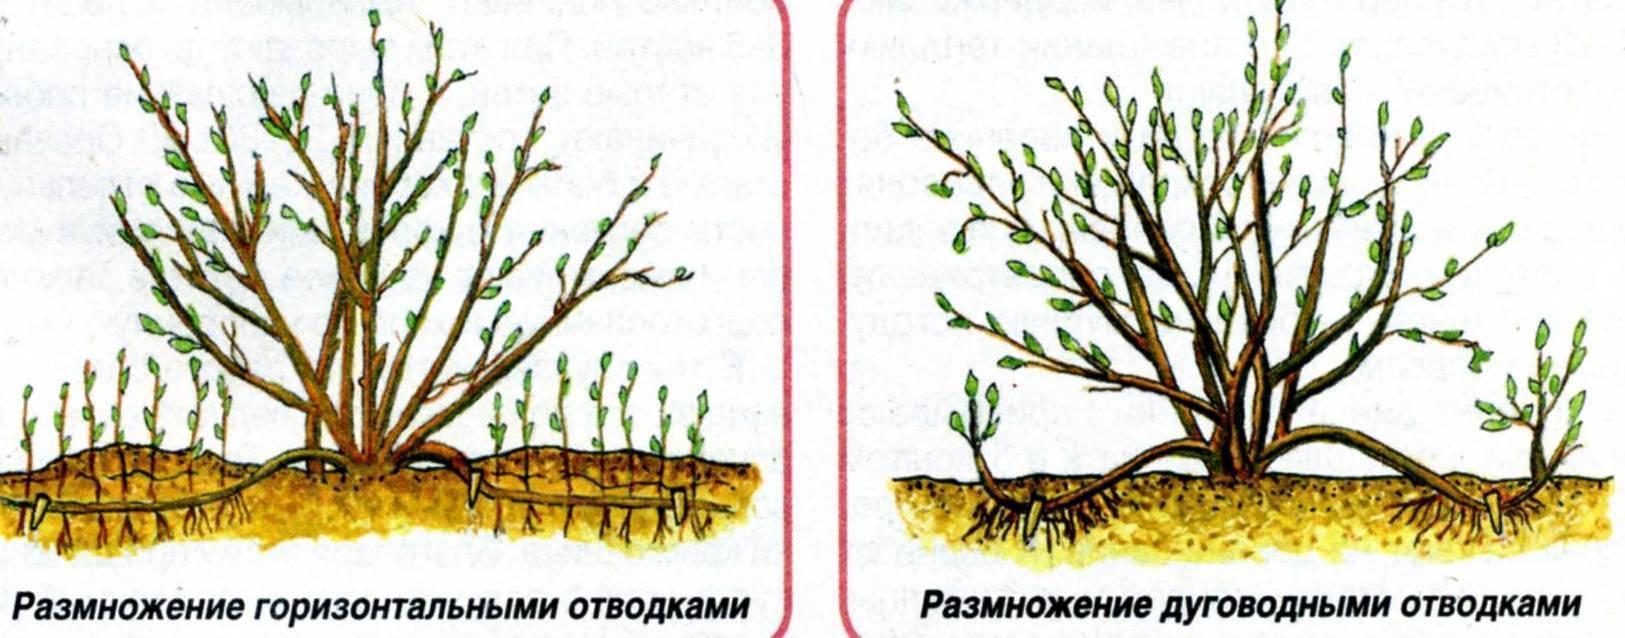 Размножение крыжовника осенью: черенками, отводками, делением куста, как укоренить, как рассадить кусты, фото, видео